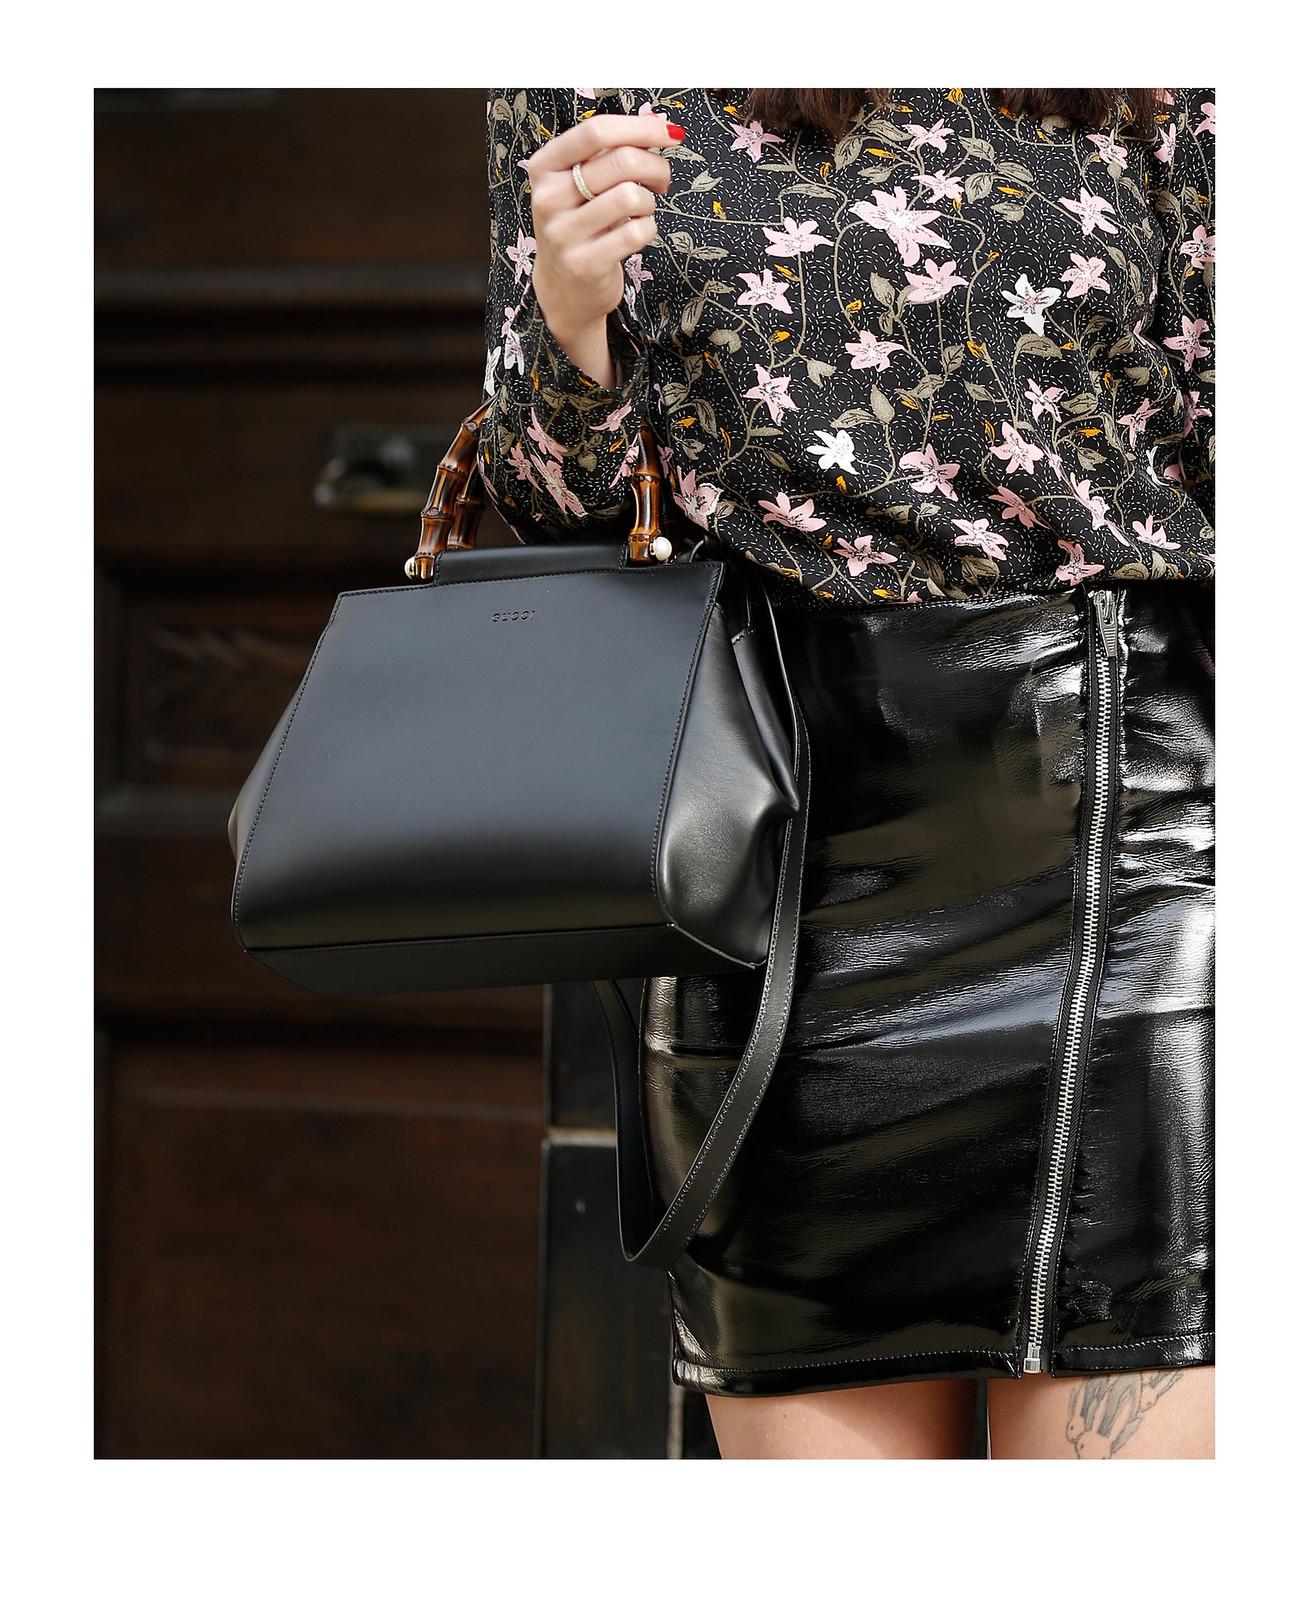 spring vibes vila floral blouse dress patent leather skirt asymmetric zipper gucci nymphaea bag saint laurent sandals cats & dogs ricarda schernus modeblogger fashionblogger outfit blogger 1